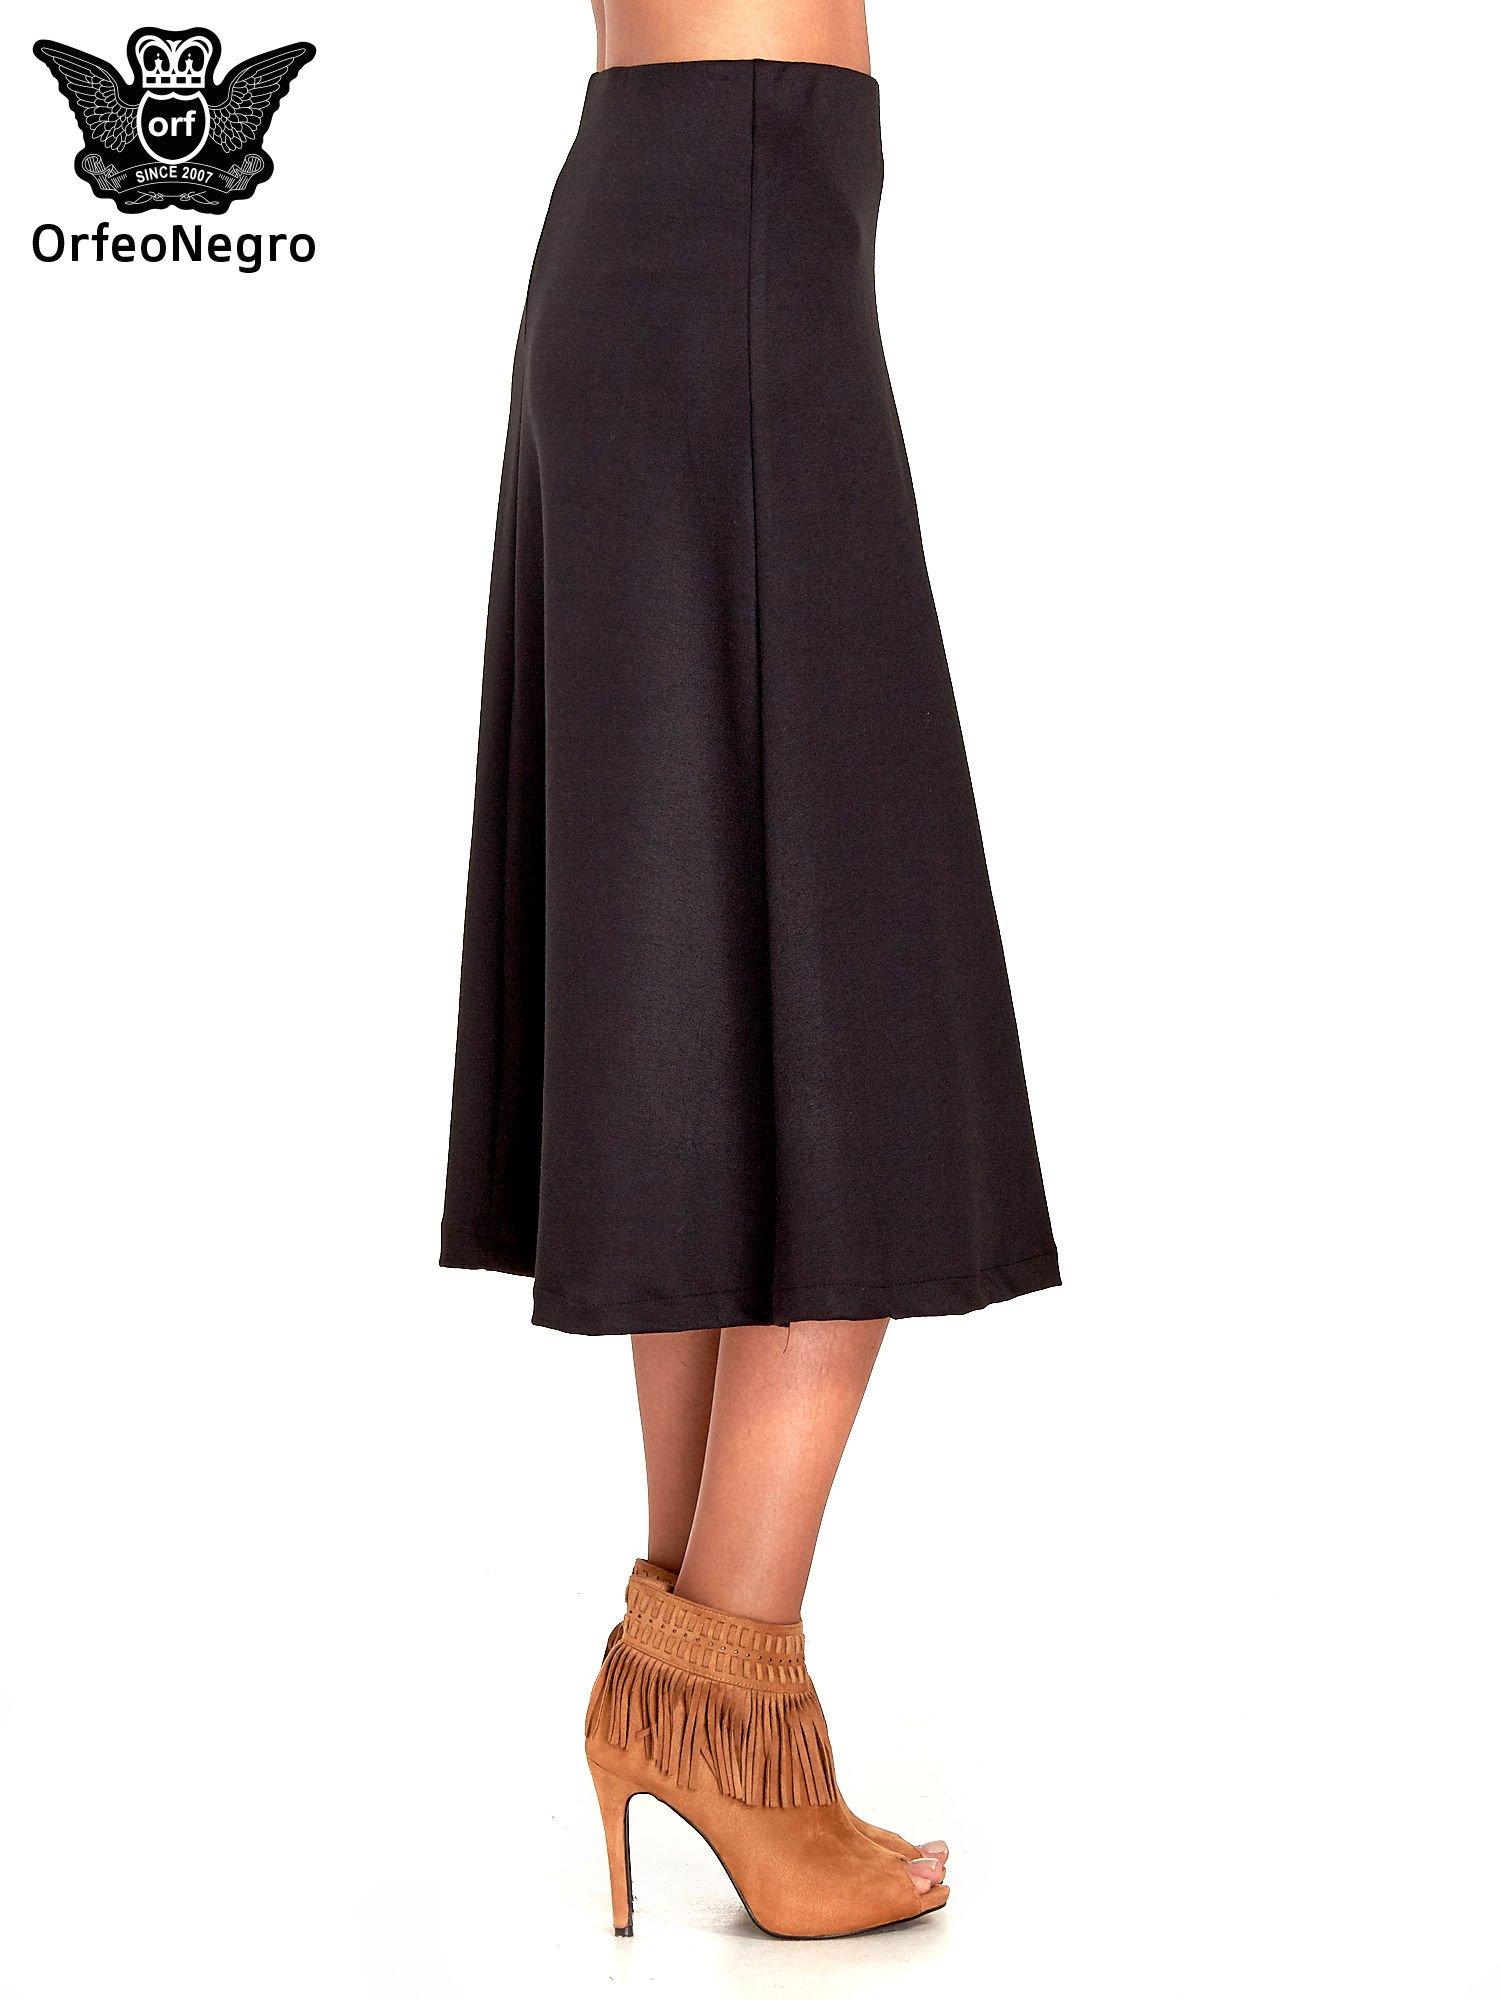 Czarna elegancka spódnica midi o rozkloszowanym kroju                                  zdj.                                  3